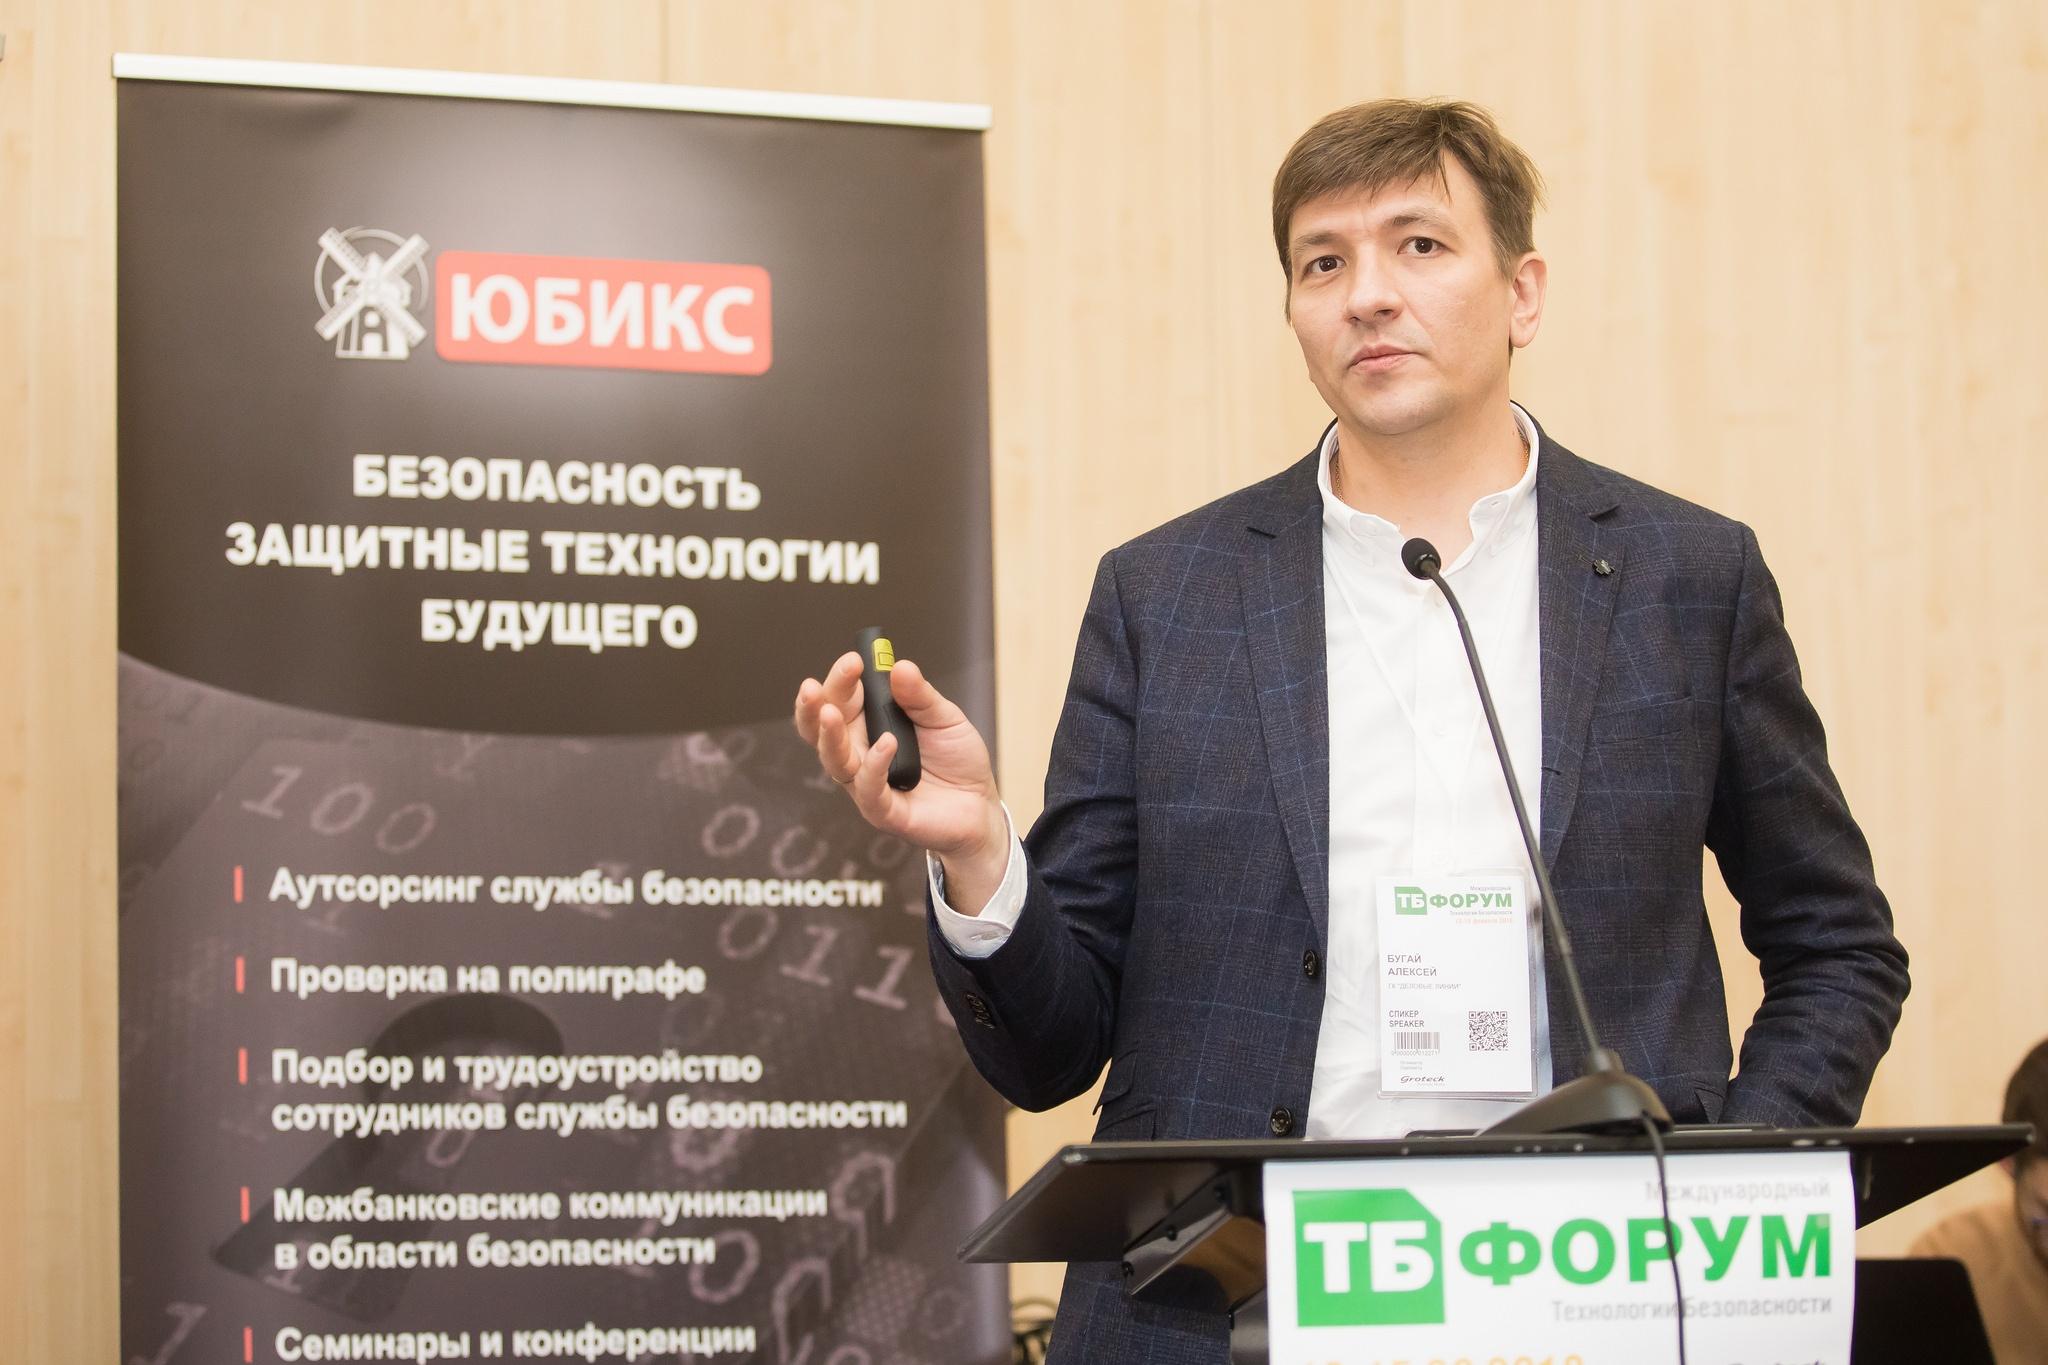 На ТБ Форуме 2018 представили технологию блокчейн в грузоперевозках